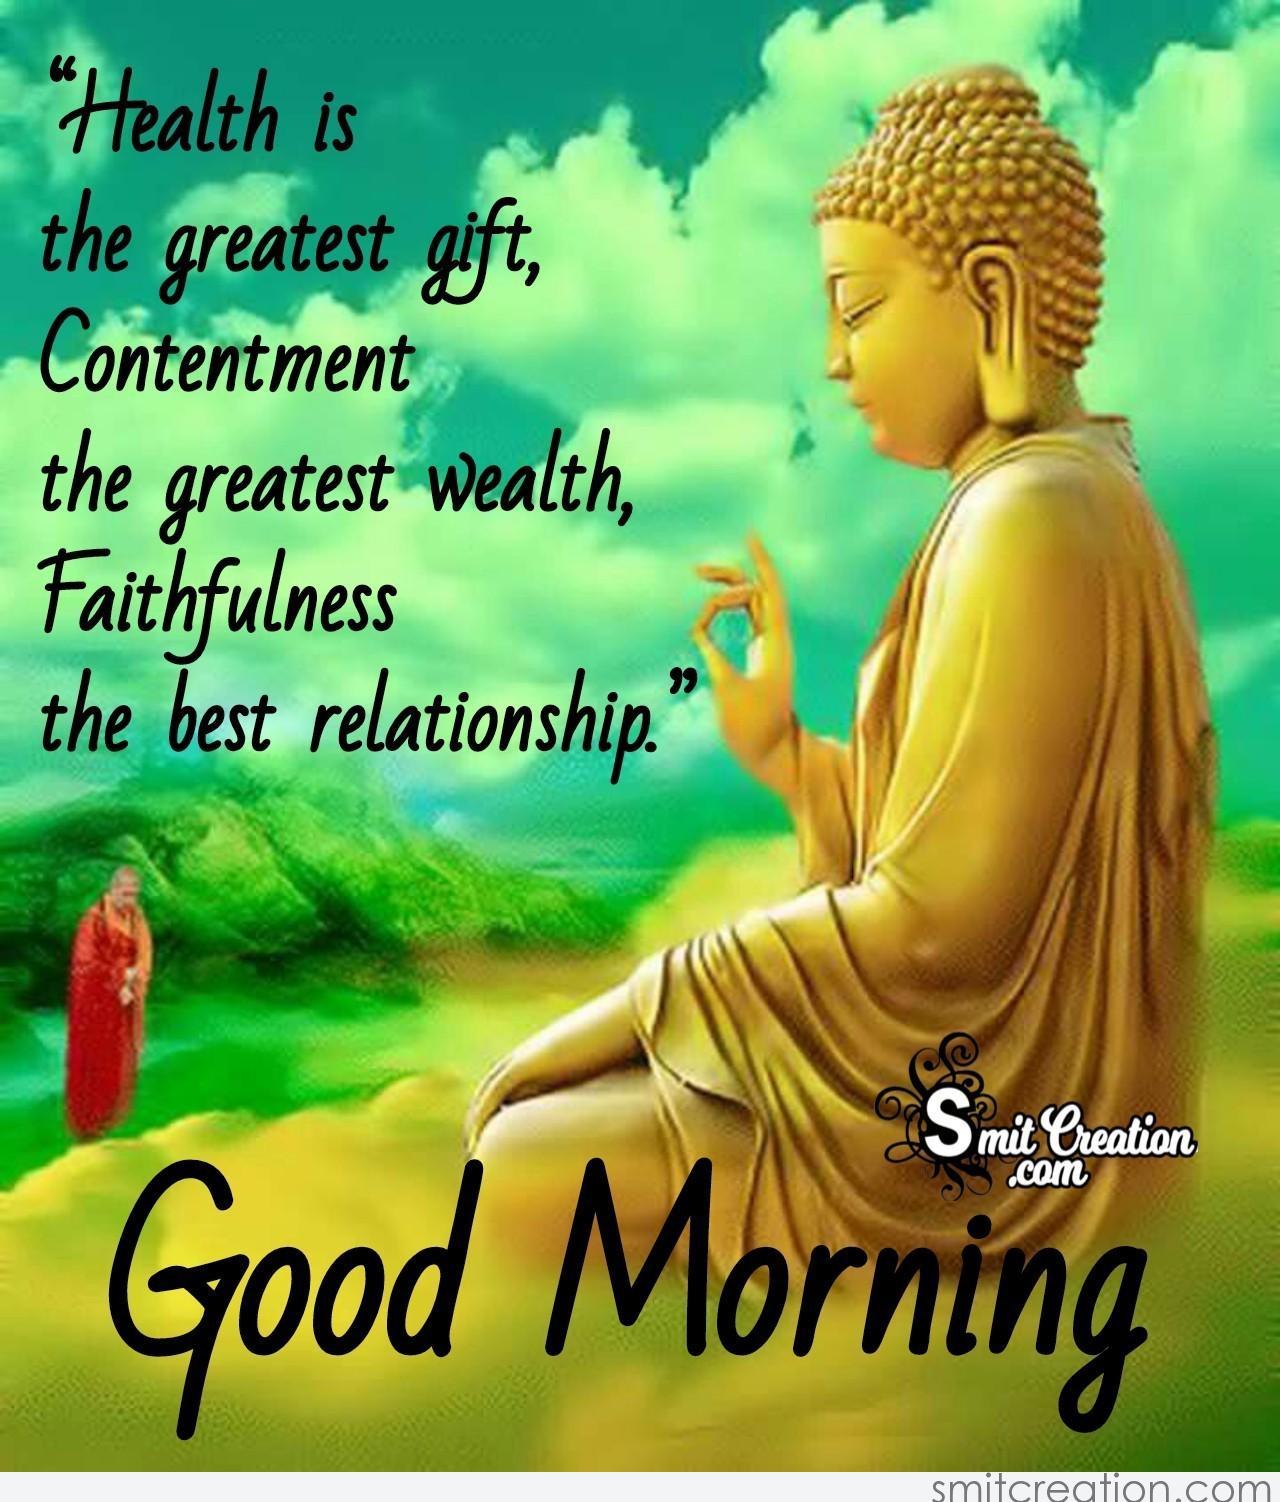 Good Morning Famous Buddha Quote Smitcreation Com